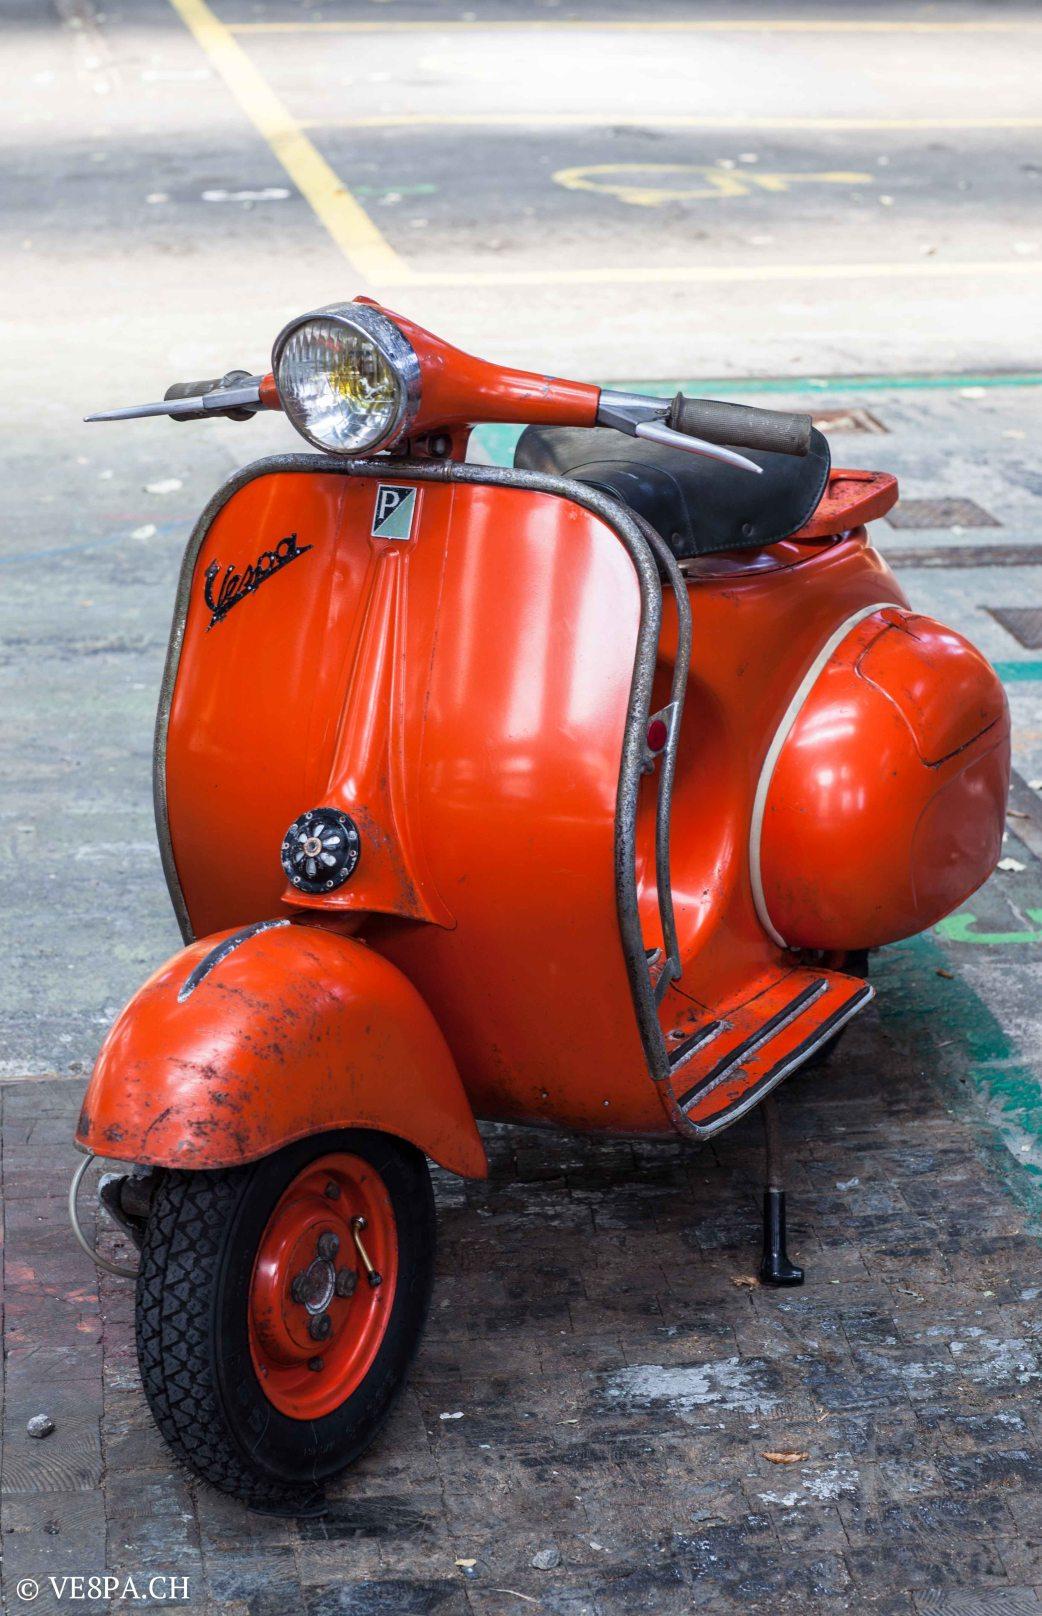 Vespa ACMA Typ N, 1960, 9535 KM, O-Lack, www.VE8PA.CH-69